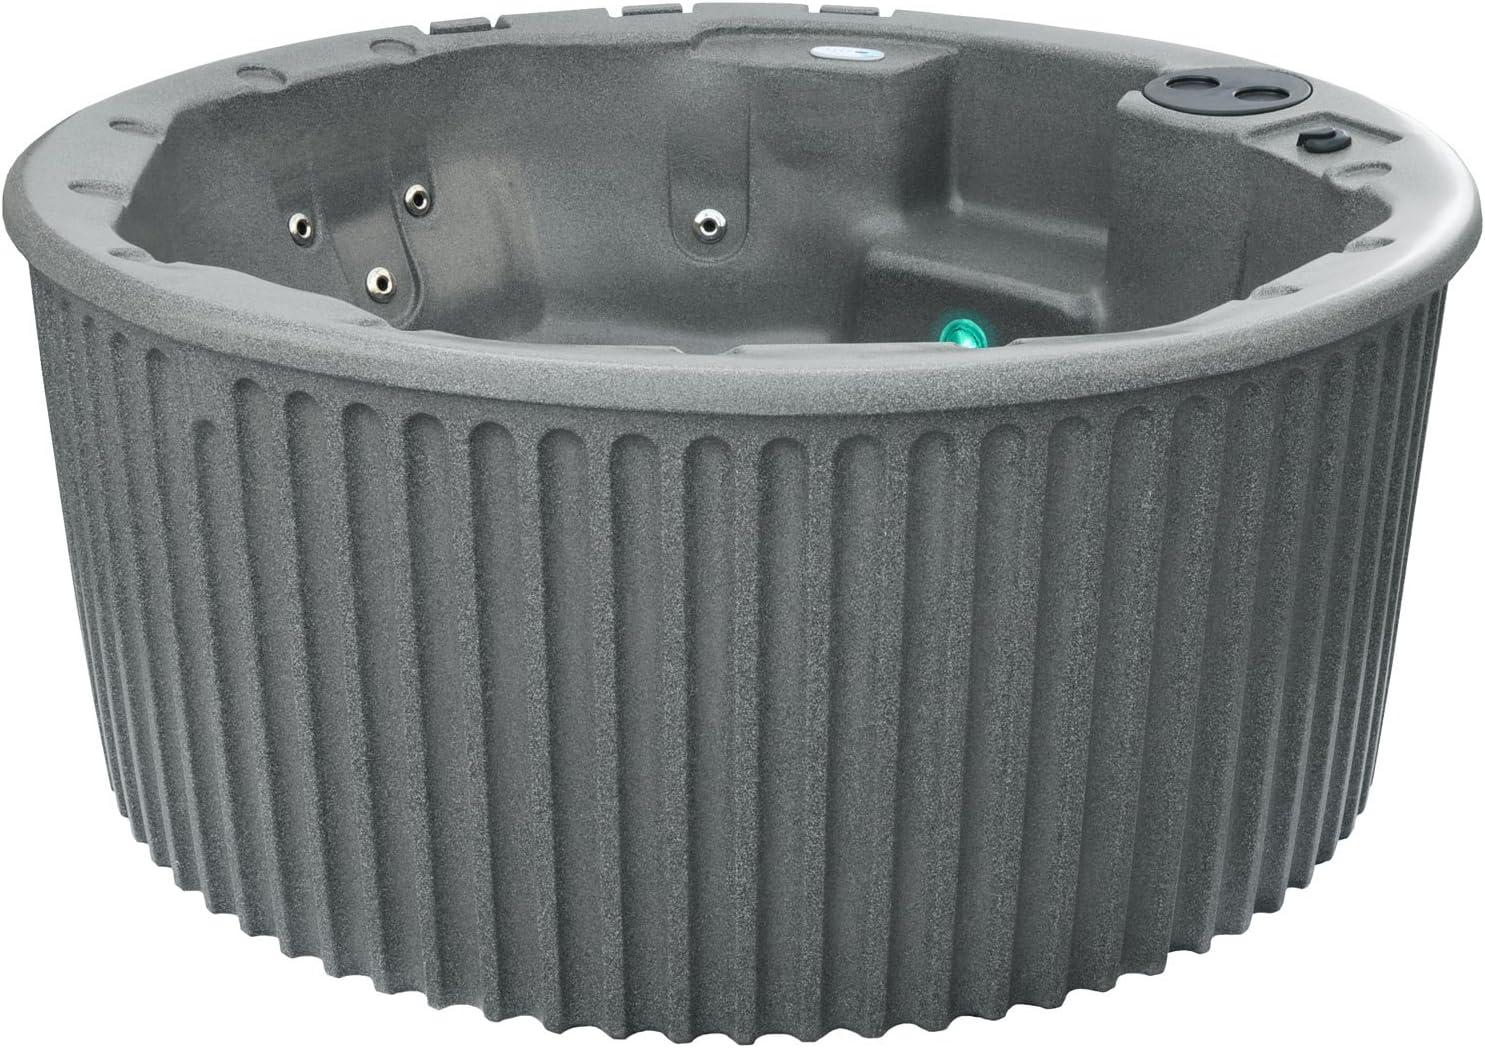 7. Essential Hot Tubs 20-Jet Arbor Hot Tub